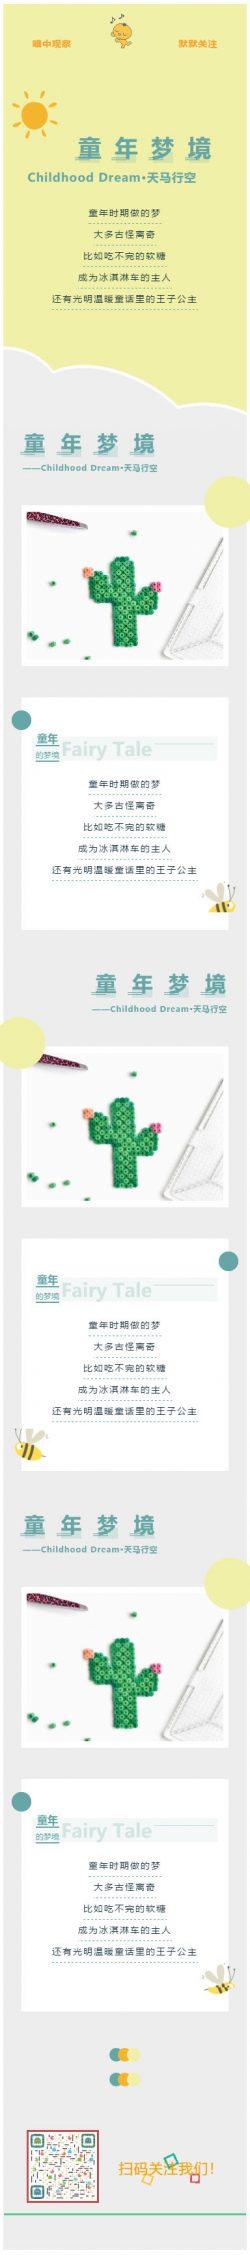 童年可爱卡通风格微信公众号图文模板微信文章推送素材动态太阳蜜蜂